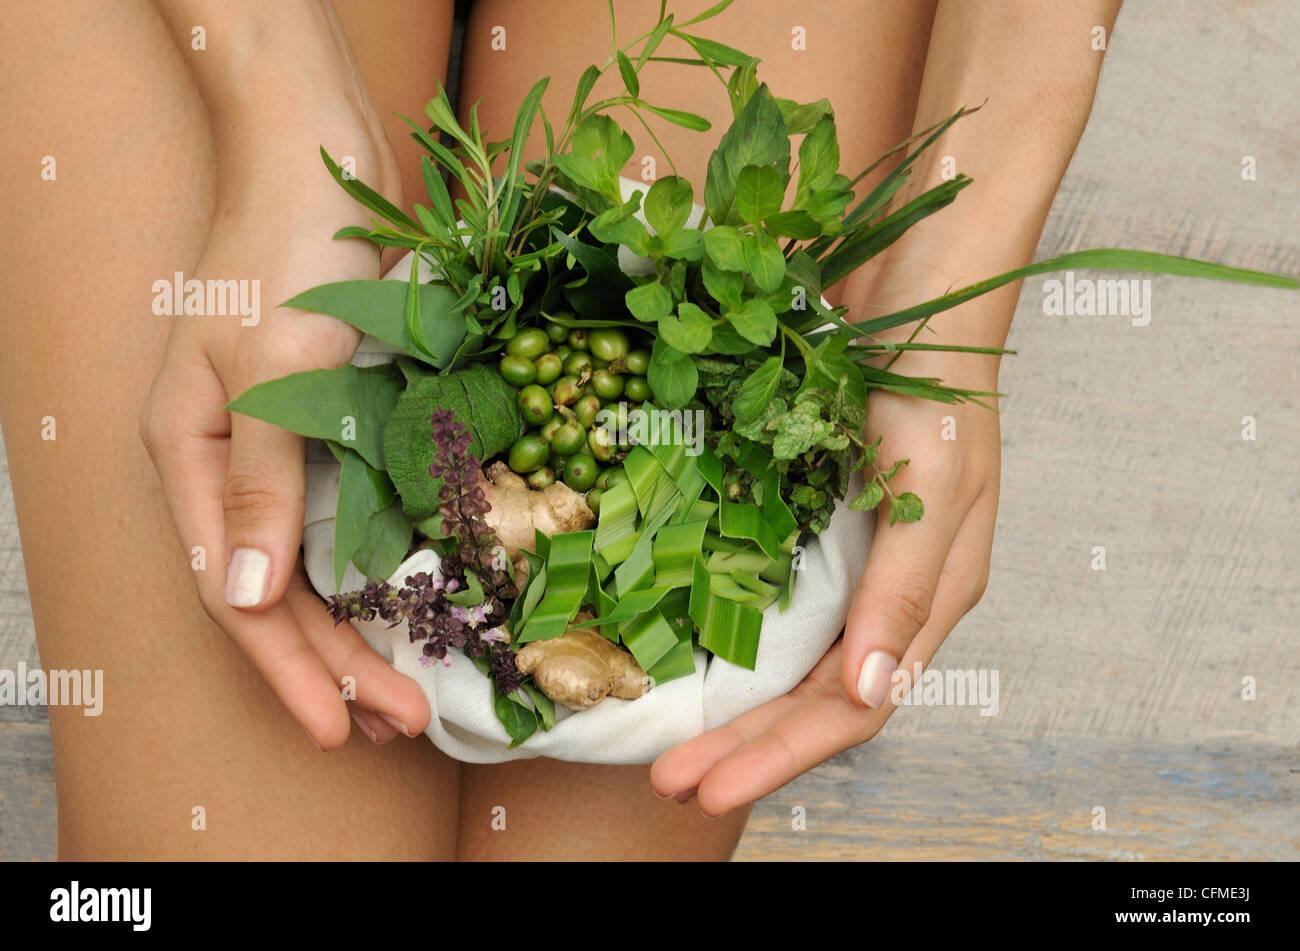 Gli ingredienti delle compresse alle erbe, Filippine, Sud-est asiatico, in Asia Immagini Stock